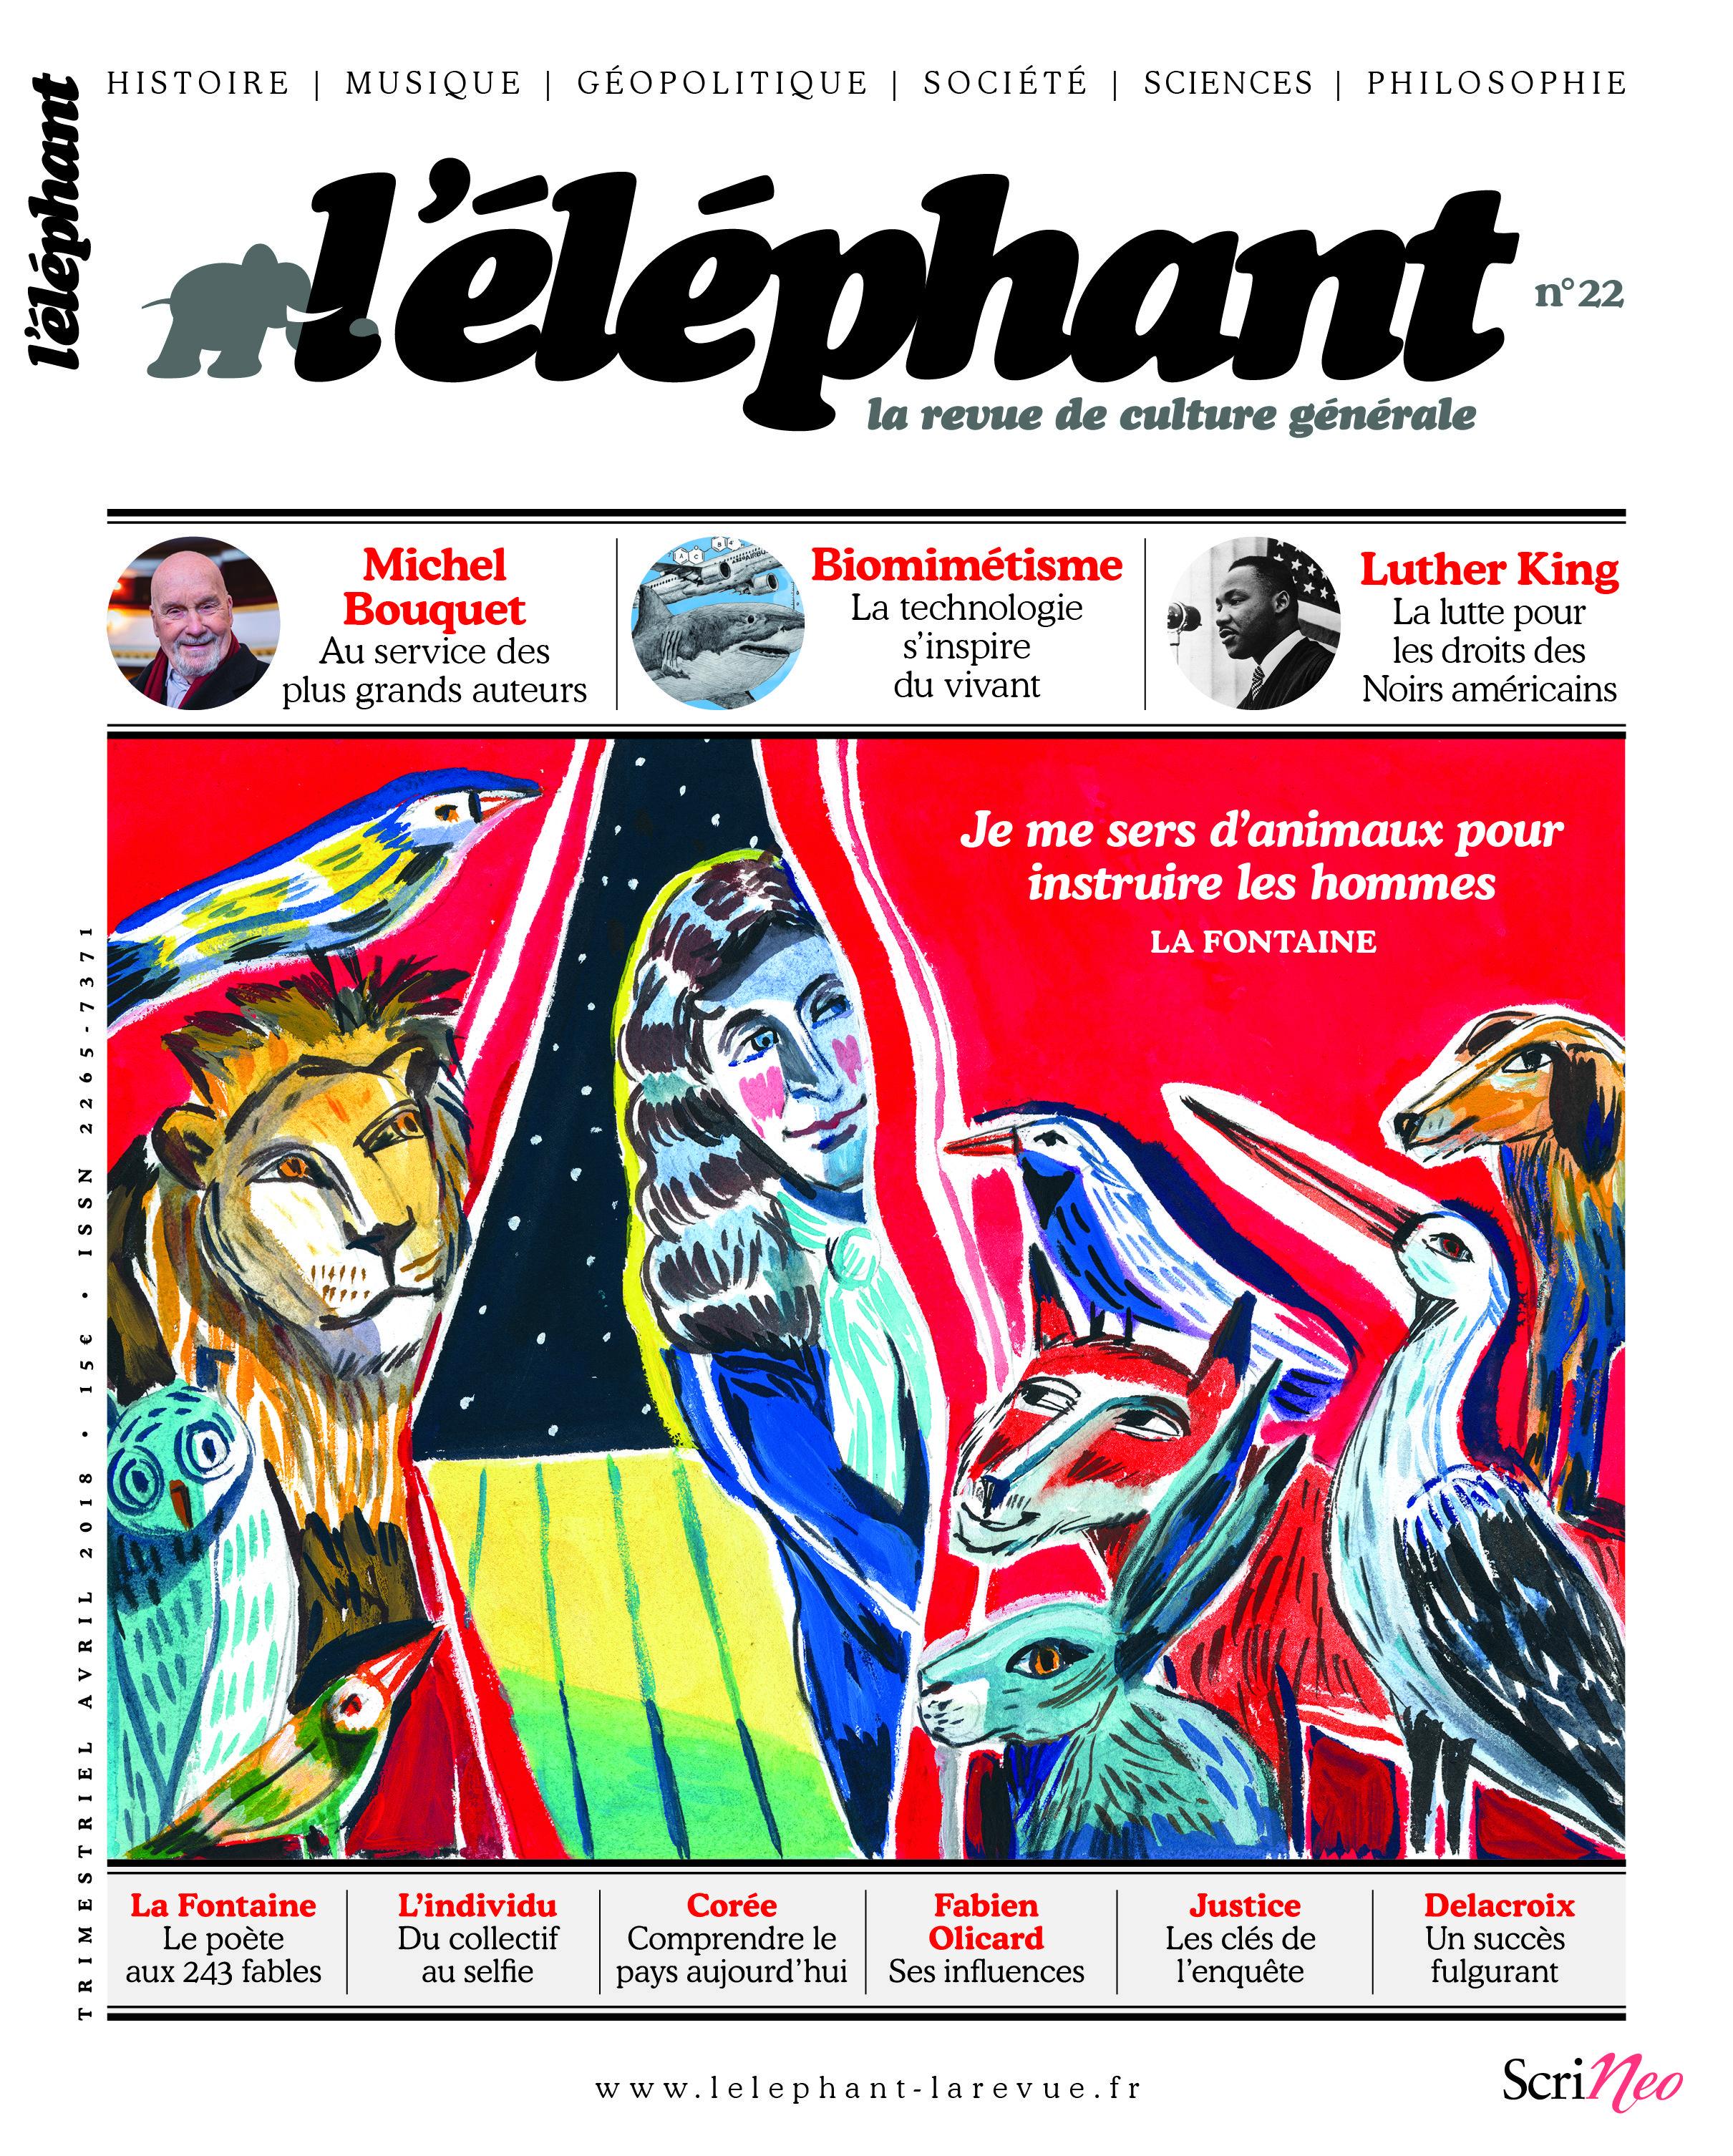 Numero Lelephant La Revue De Culture Generale Culture Generale Revue Geopolitique